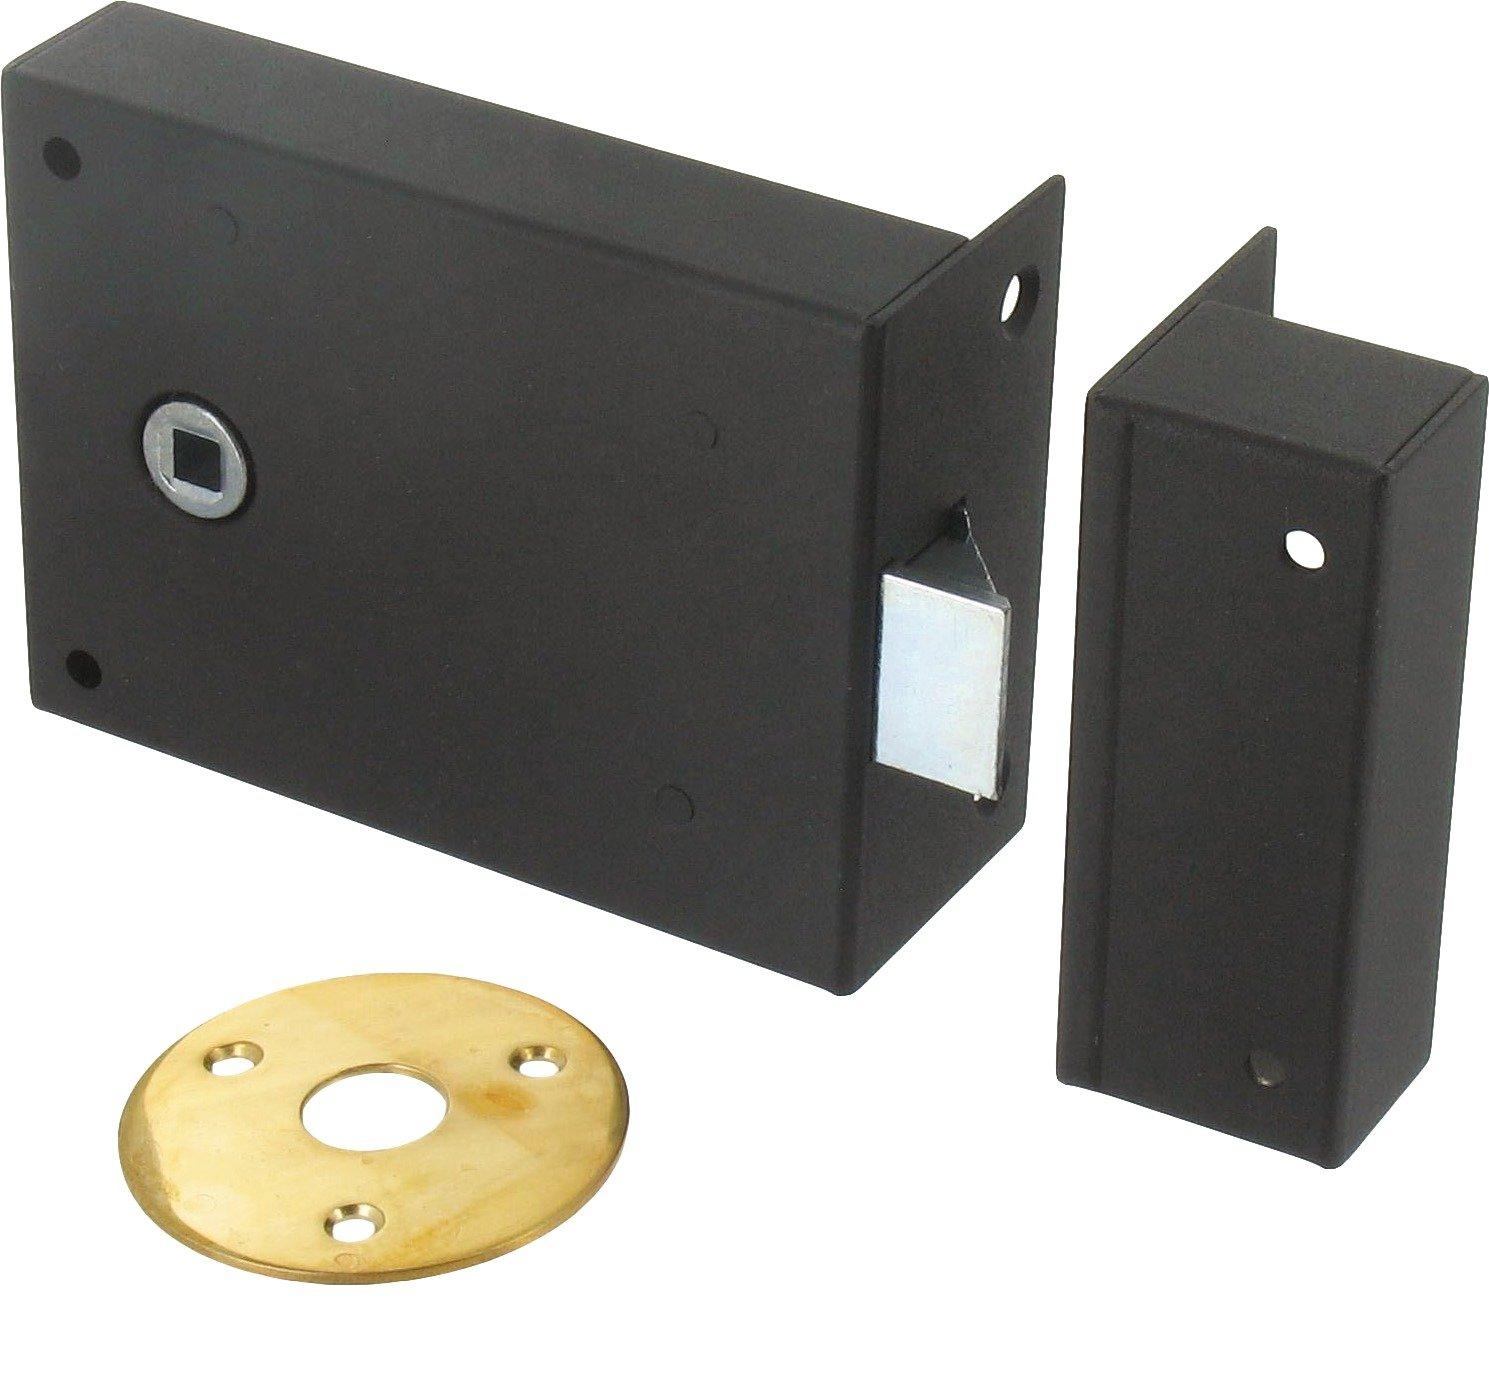 Jpm - Serrure de securite a poser en applique horizontale-bec-de-cane - Ré f..155 - A.70 - B.95 - C.83